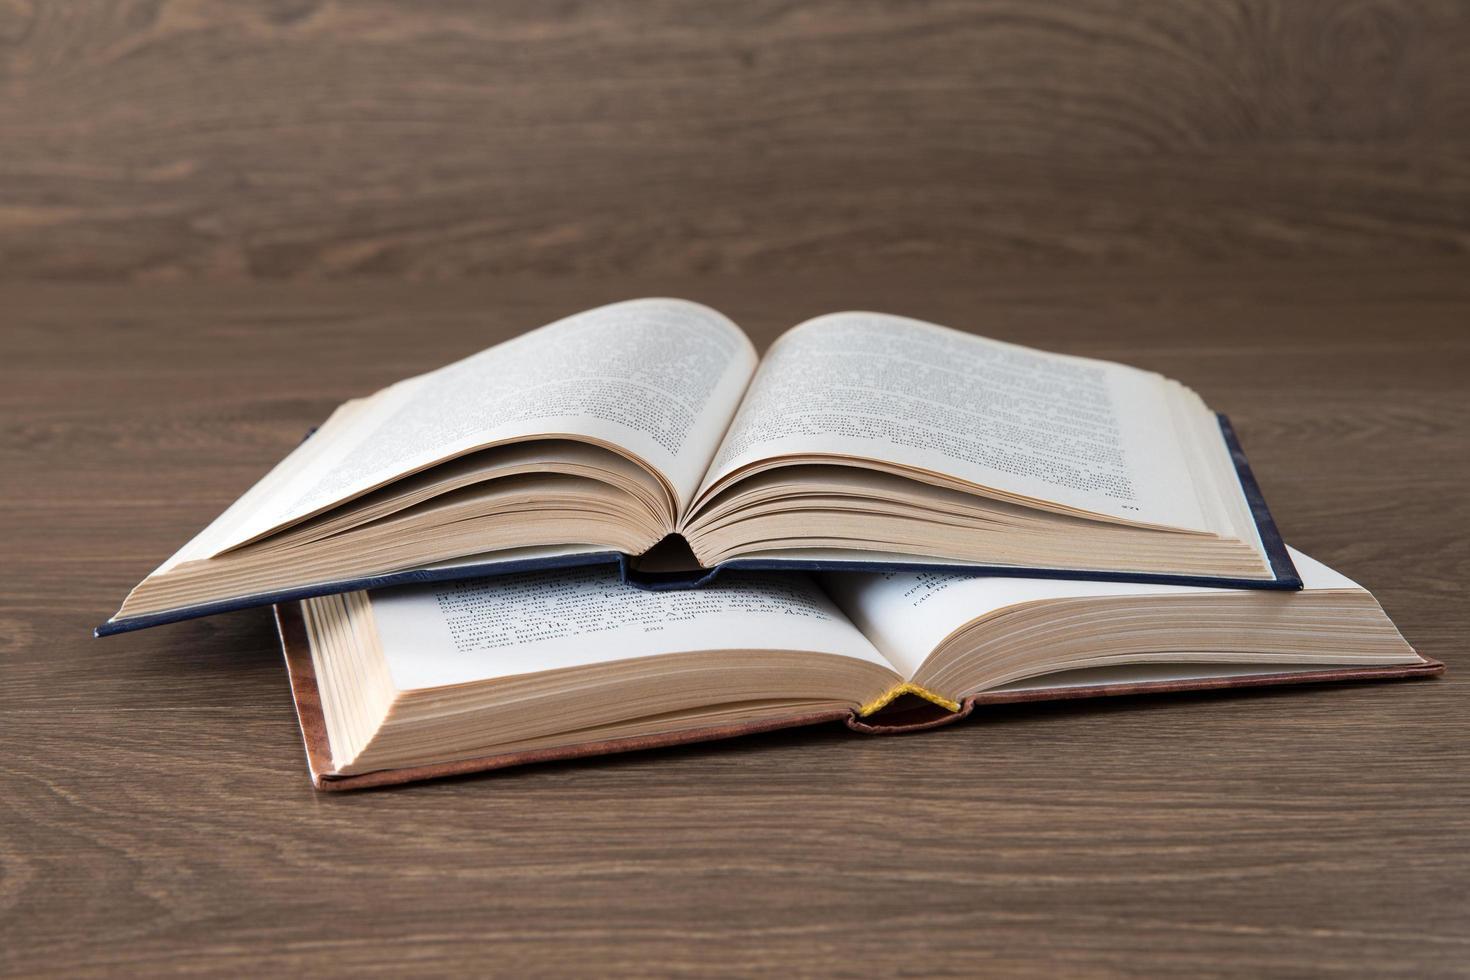 öppen bok på träbord foto